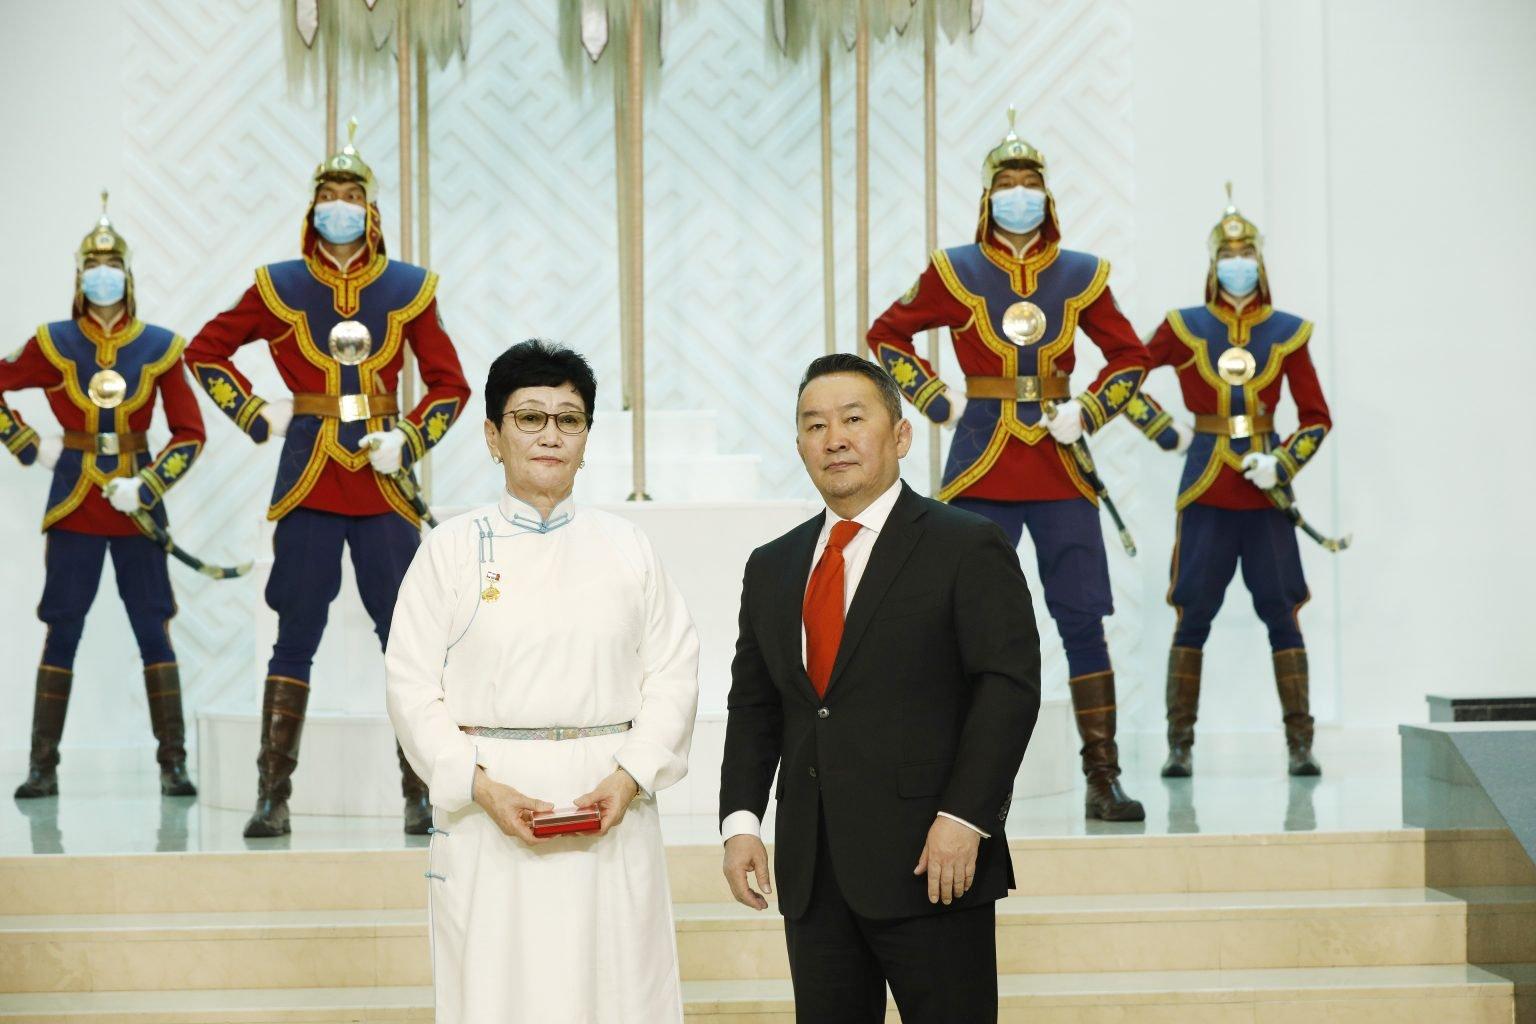 Ерөнхийлөгч Х.Баттулга эрүүл мэндийн салбарынханд төрийн дээд цол, одон, медаль хүртээлээ